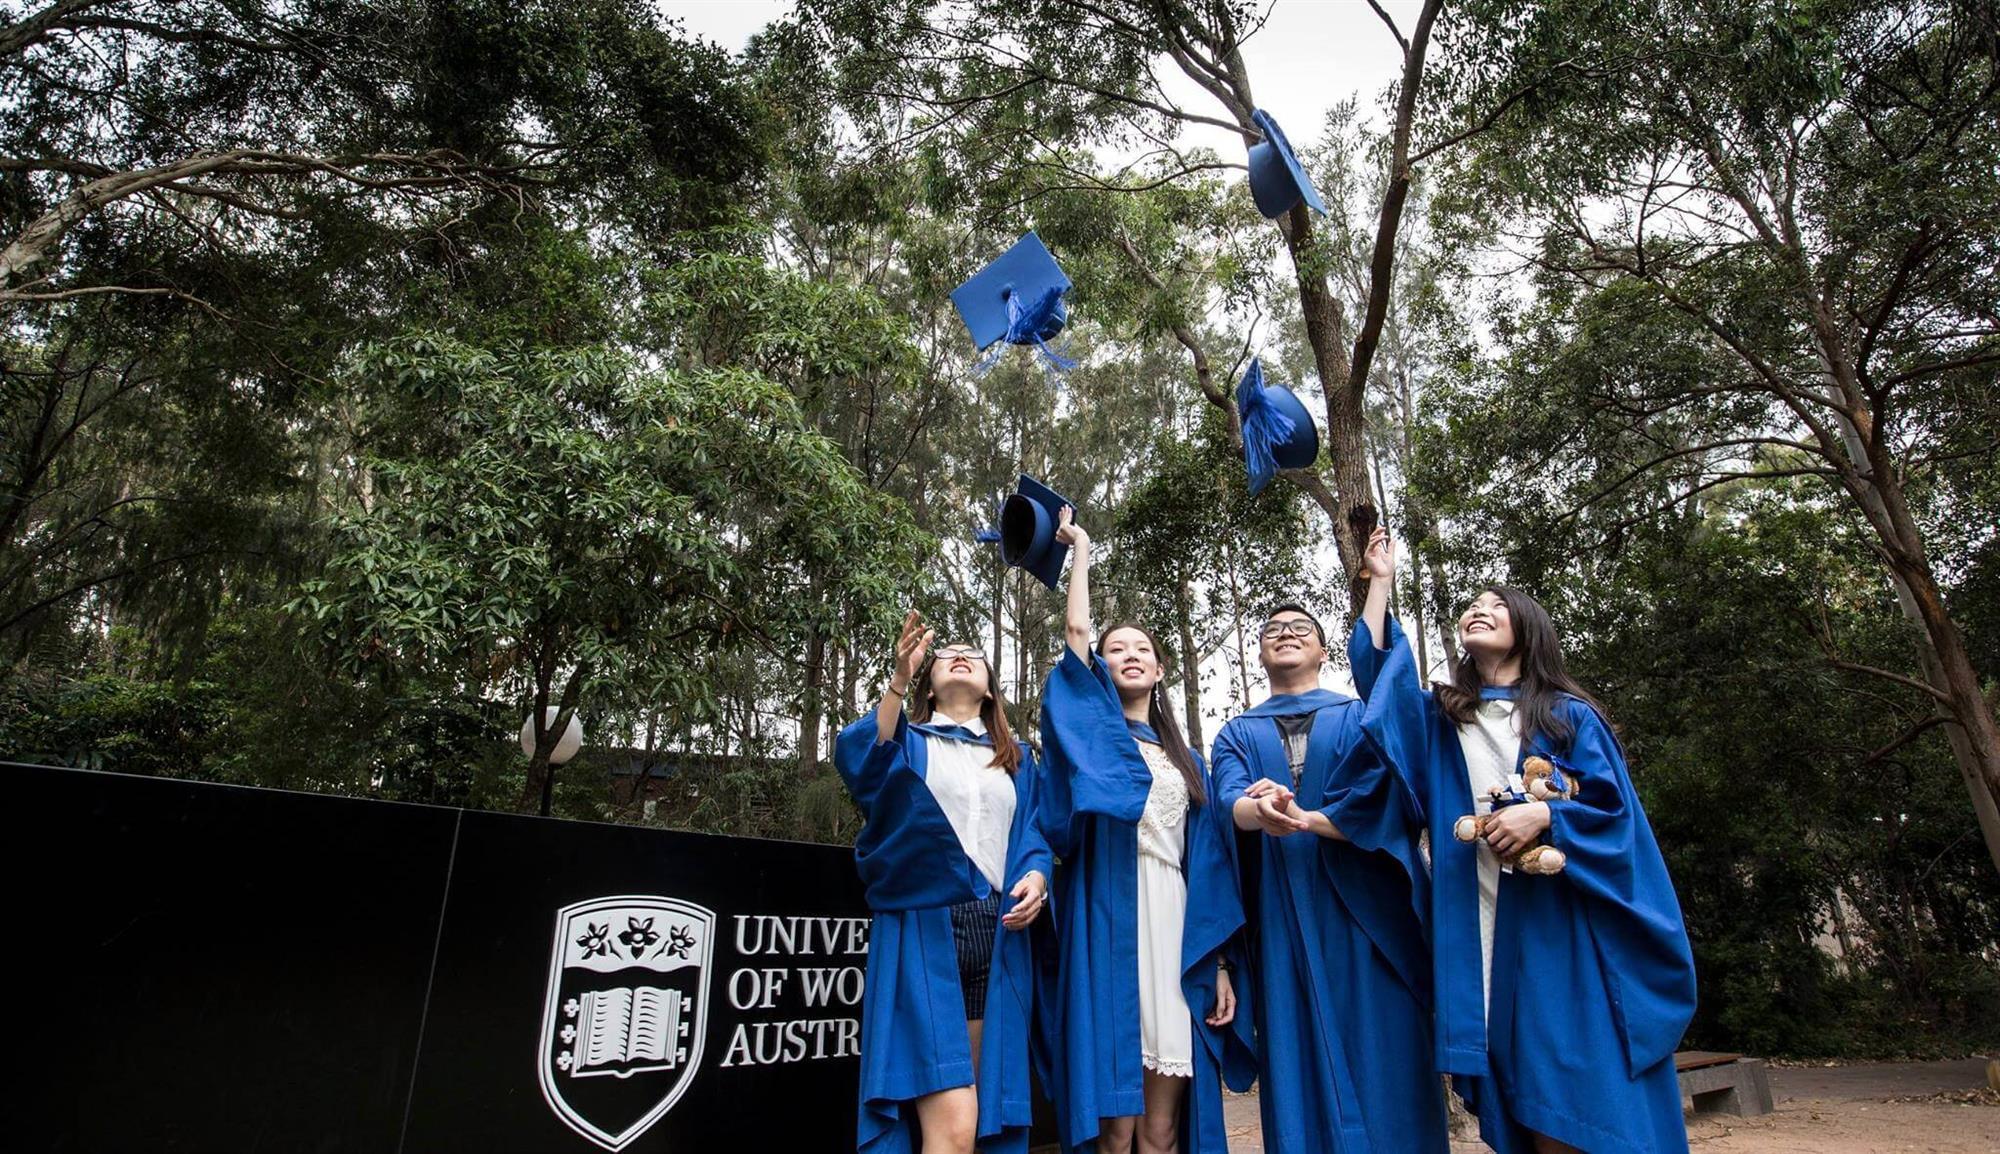 Đại học Wollongong và loạt học bổng tự động lên đến 50%